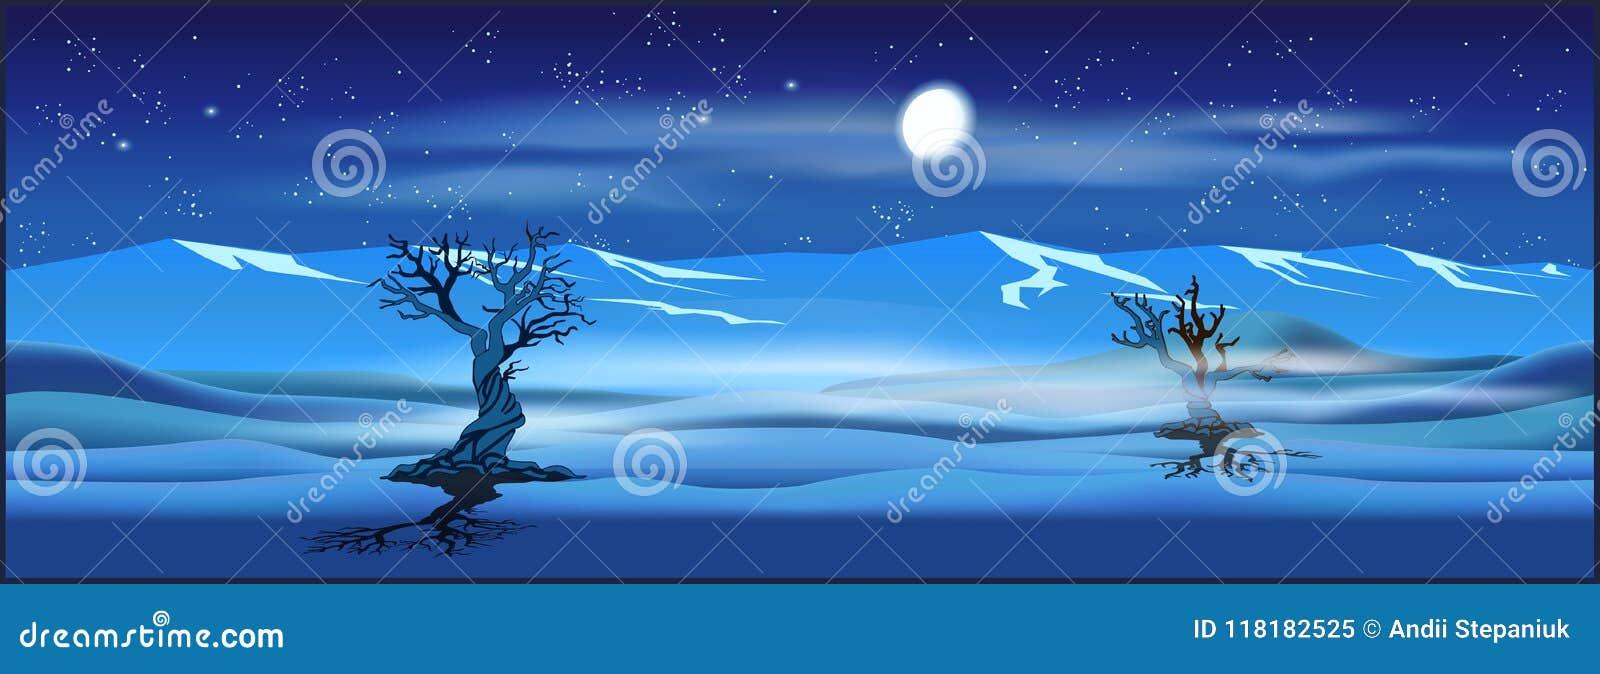 Opustoszały krajobraz przy nocą